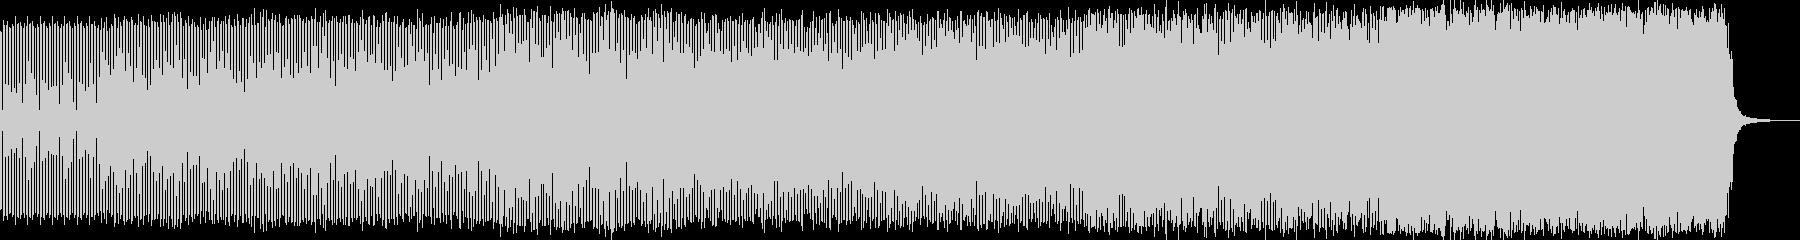 わくわくエレクトロニカハウスミュージックの未再生の波形